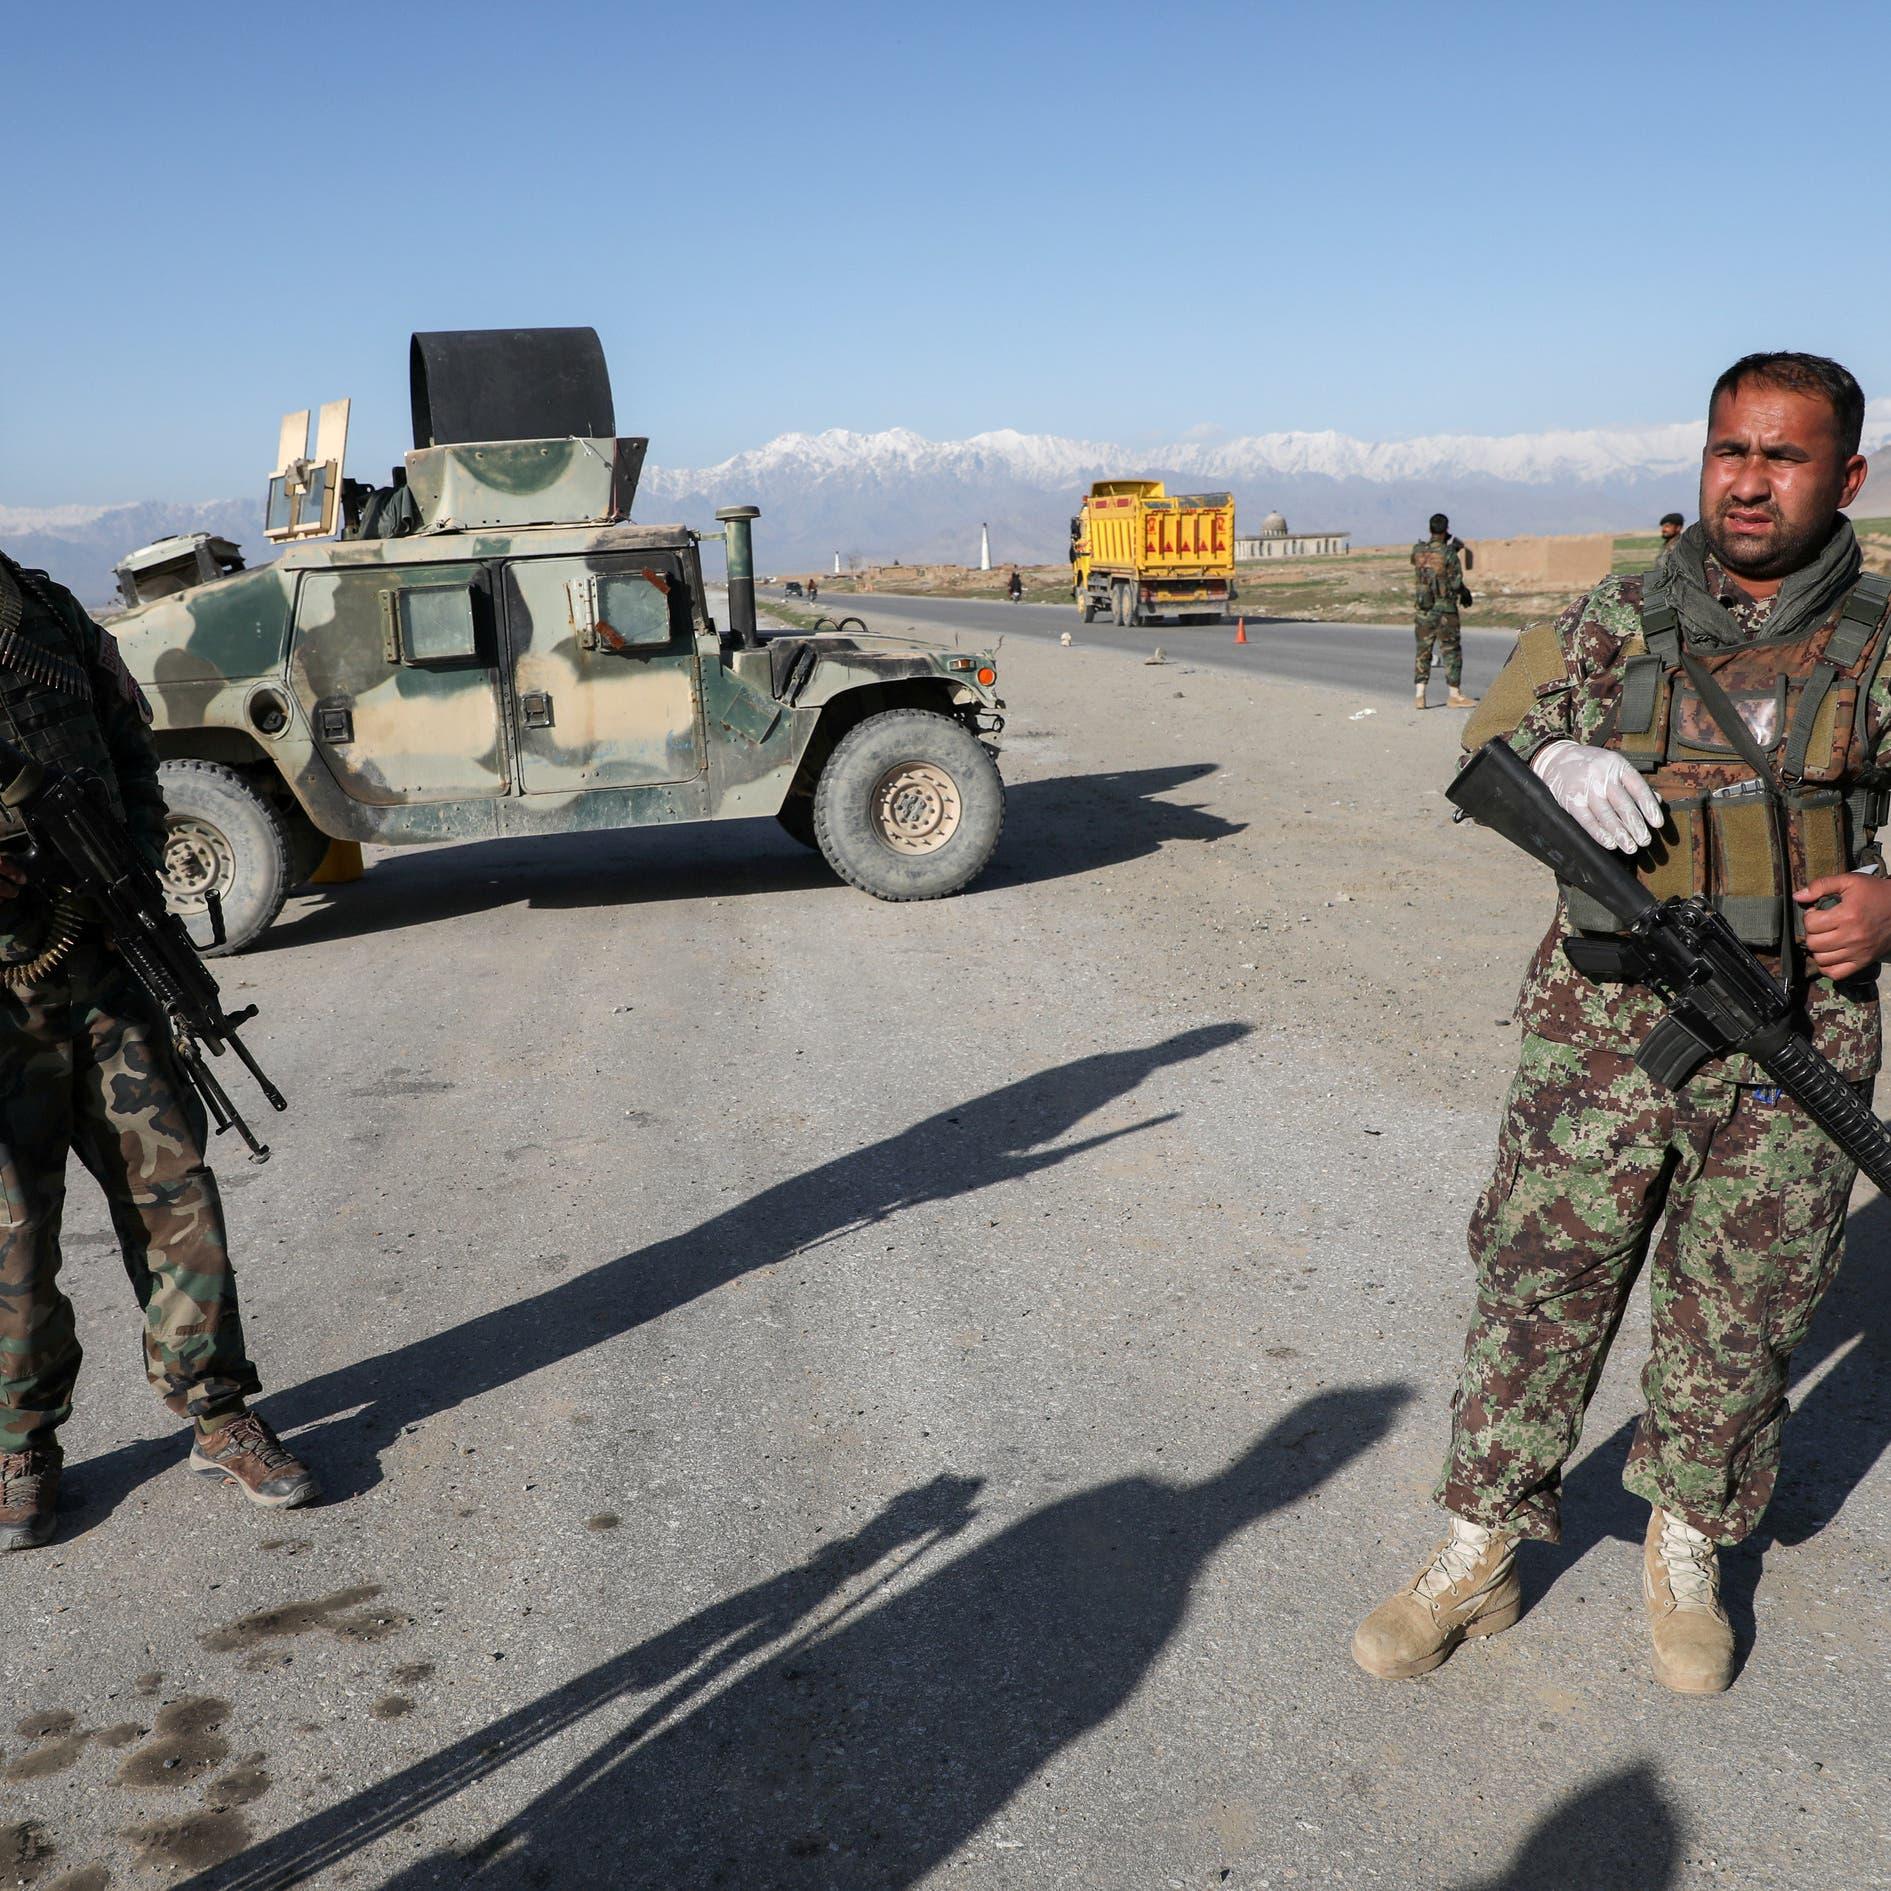 هجمات بقنابل وبنادق في العاصمة الأفغانية تخلف 3 قتلى